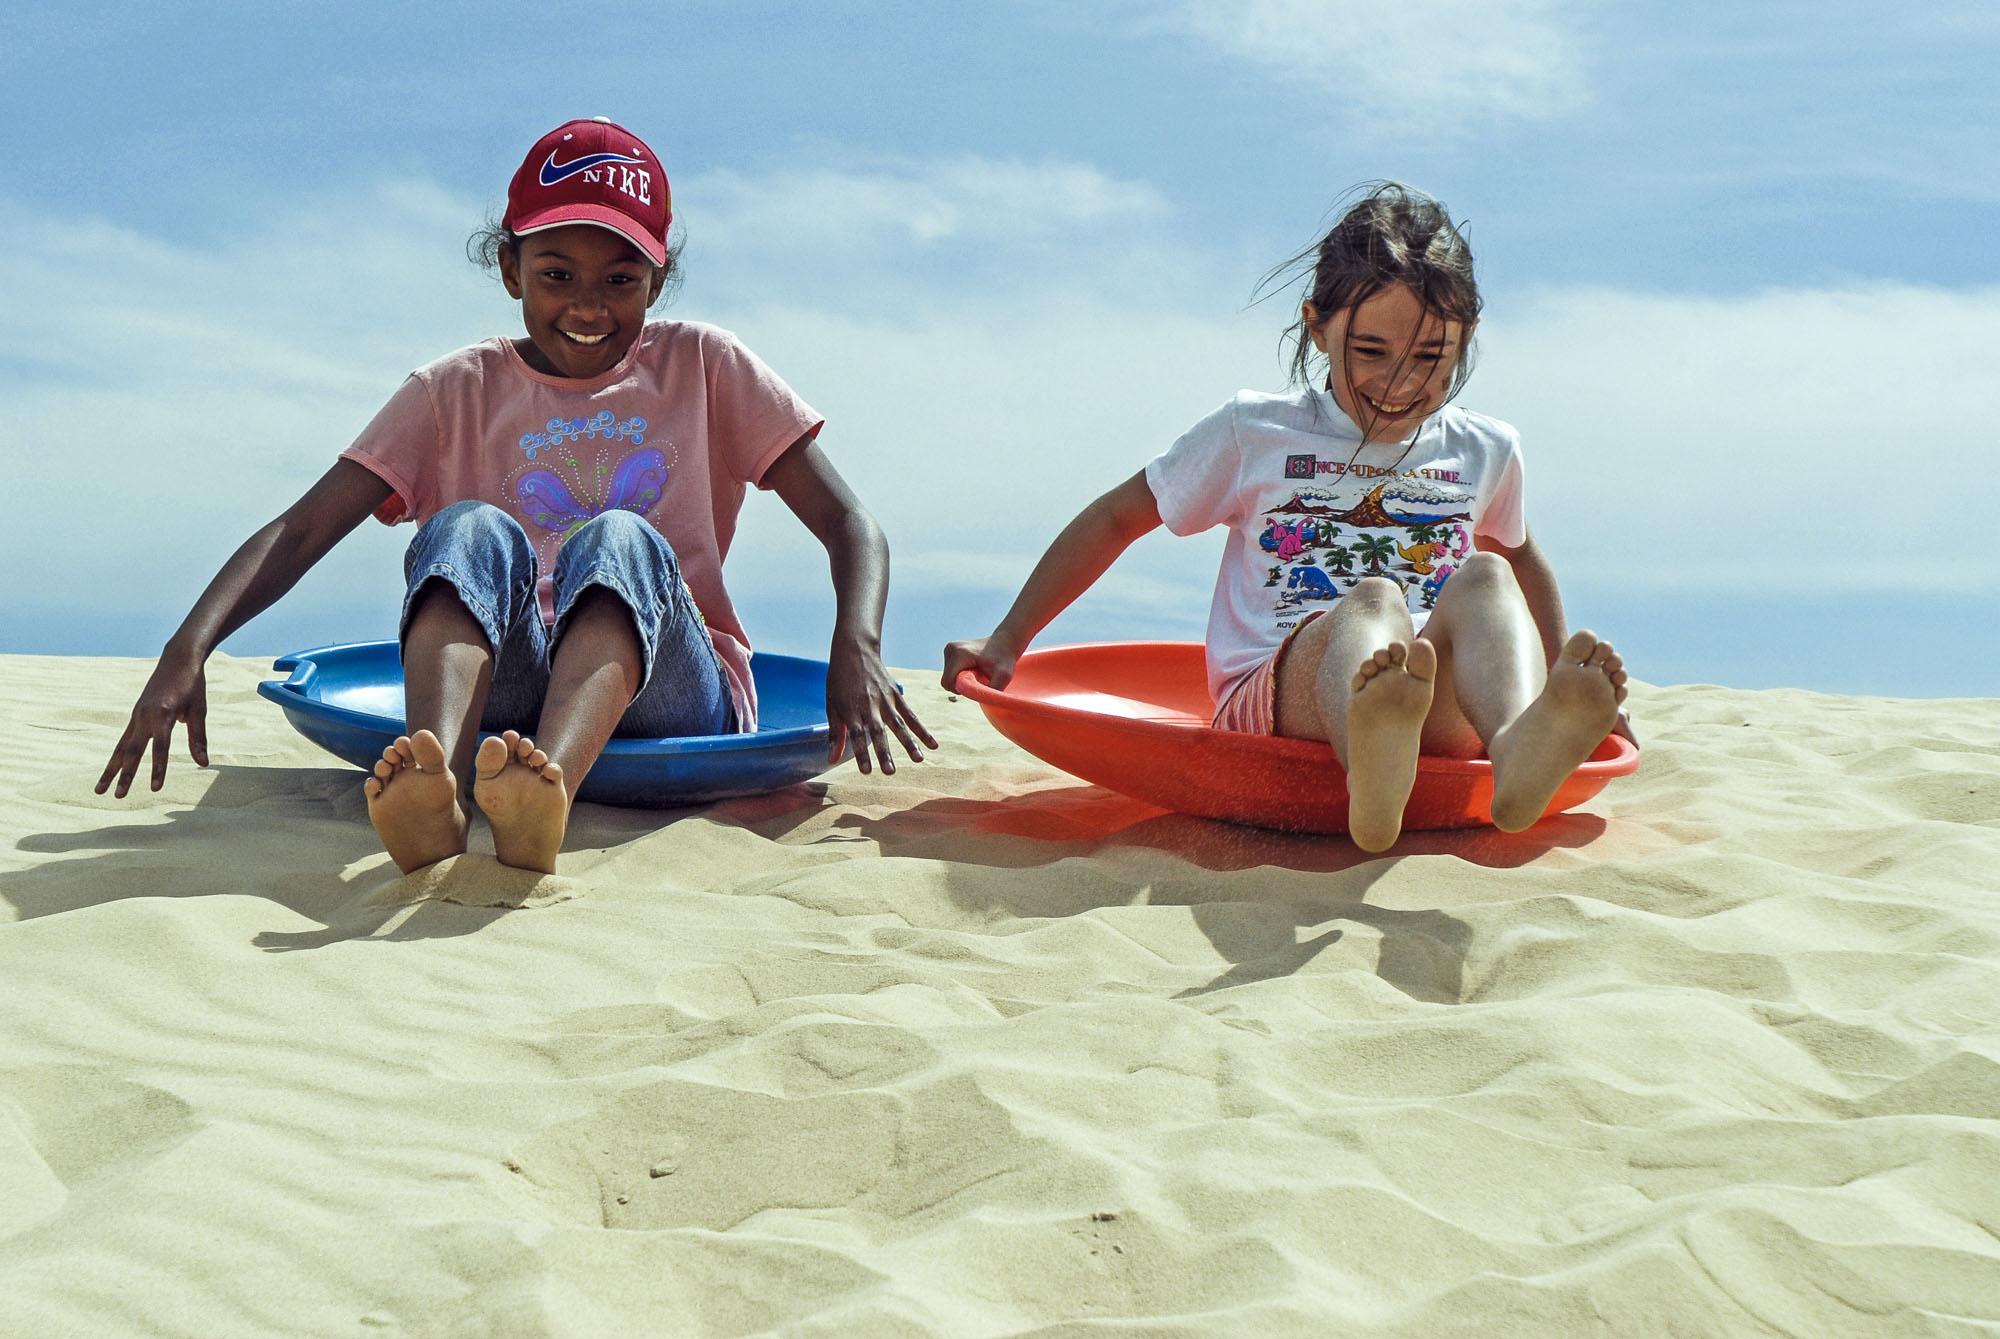 girls laughing, surfing.jpg